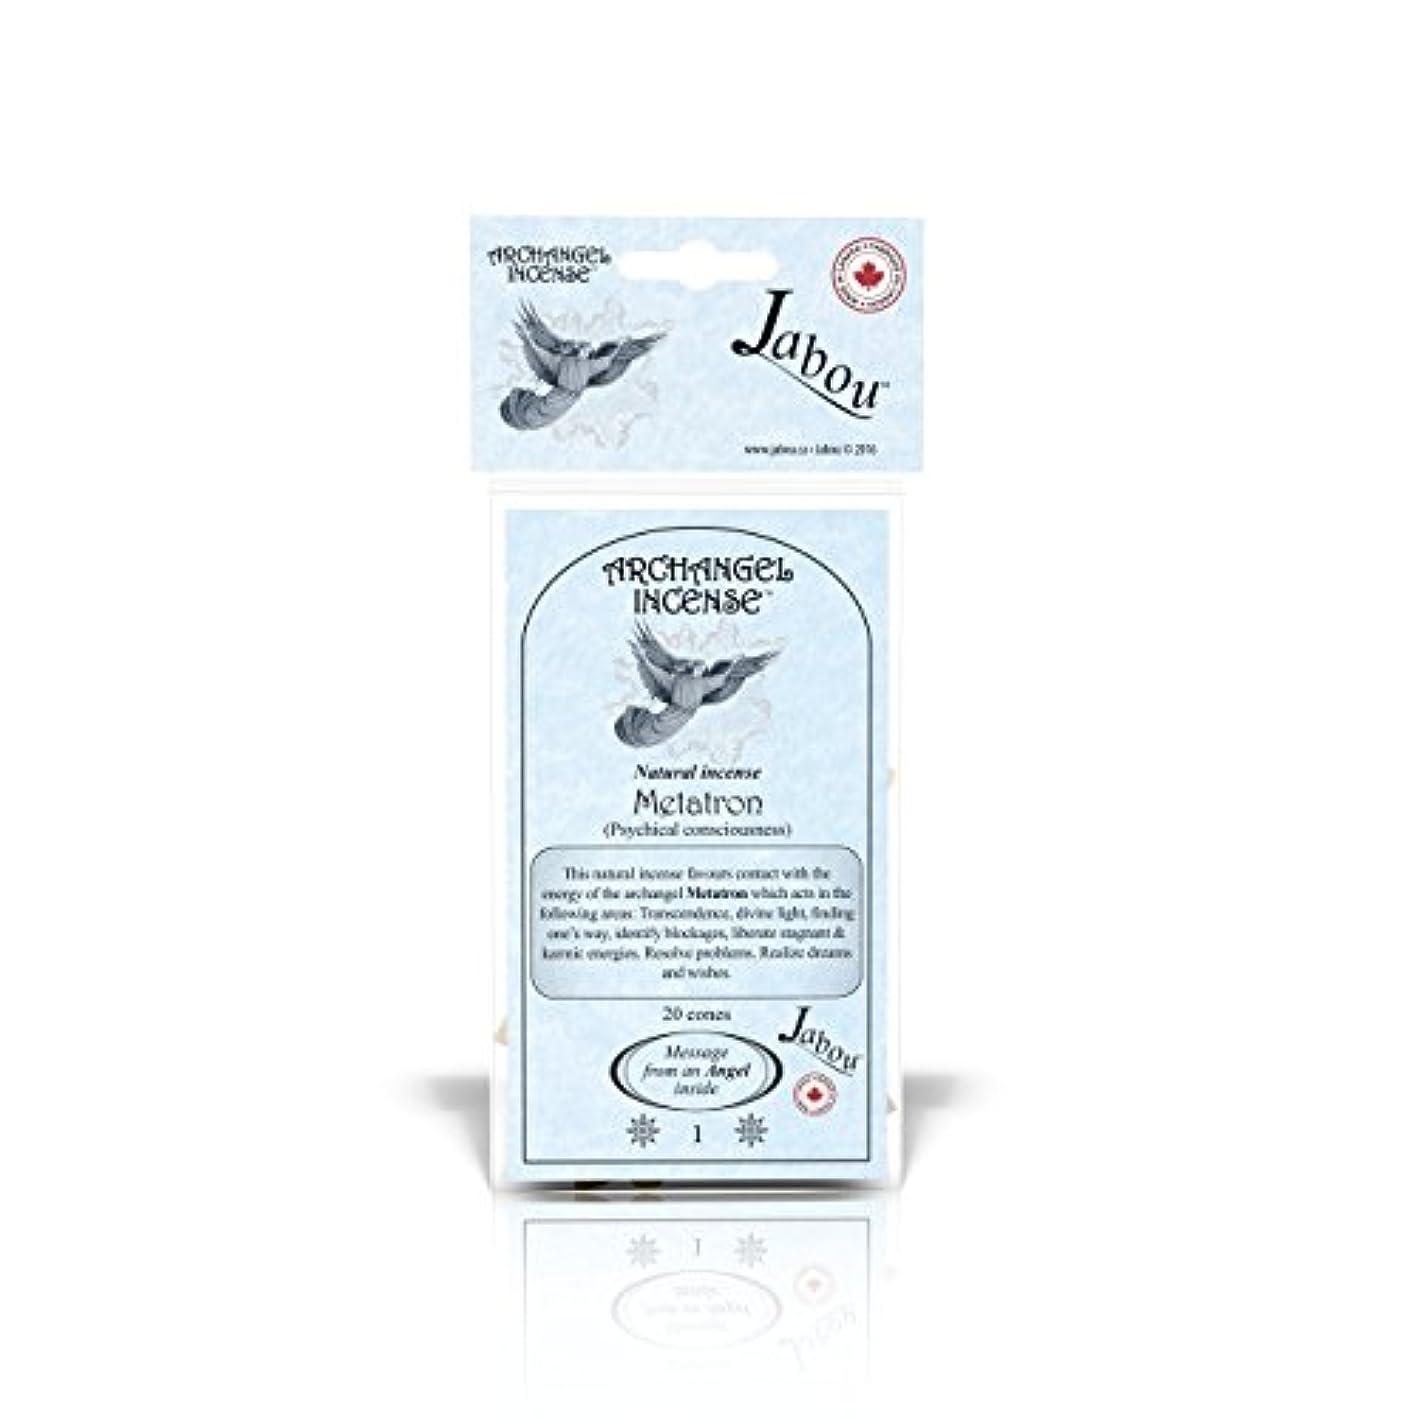 混沌気配りのあるやろうJabou 大天使 100%天然お香 コーン - 12個の香り - 瞑想 ヨガ リラクゼーション マジック ヒーリング 祈り 儀式 - 20個のコーン - 各30分以上持続